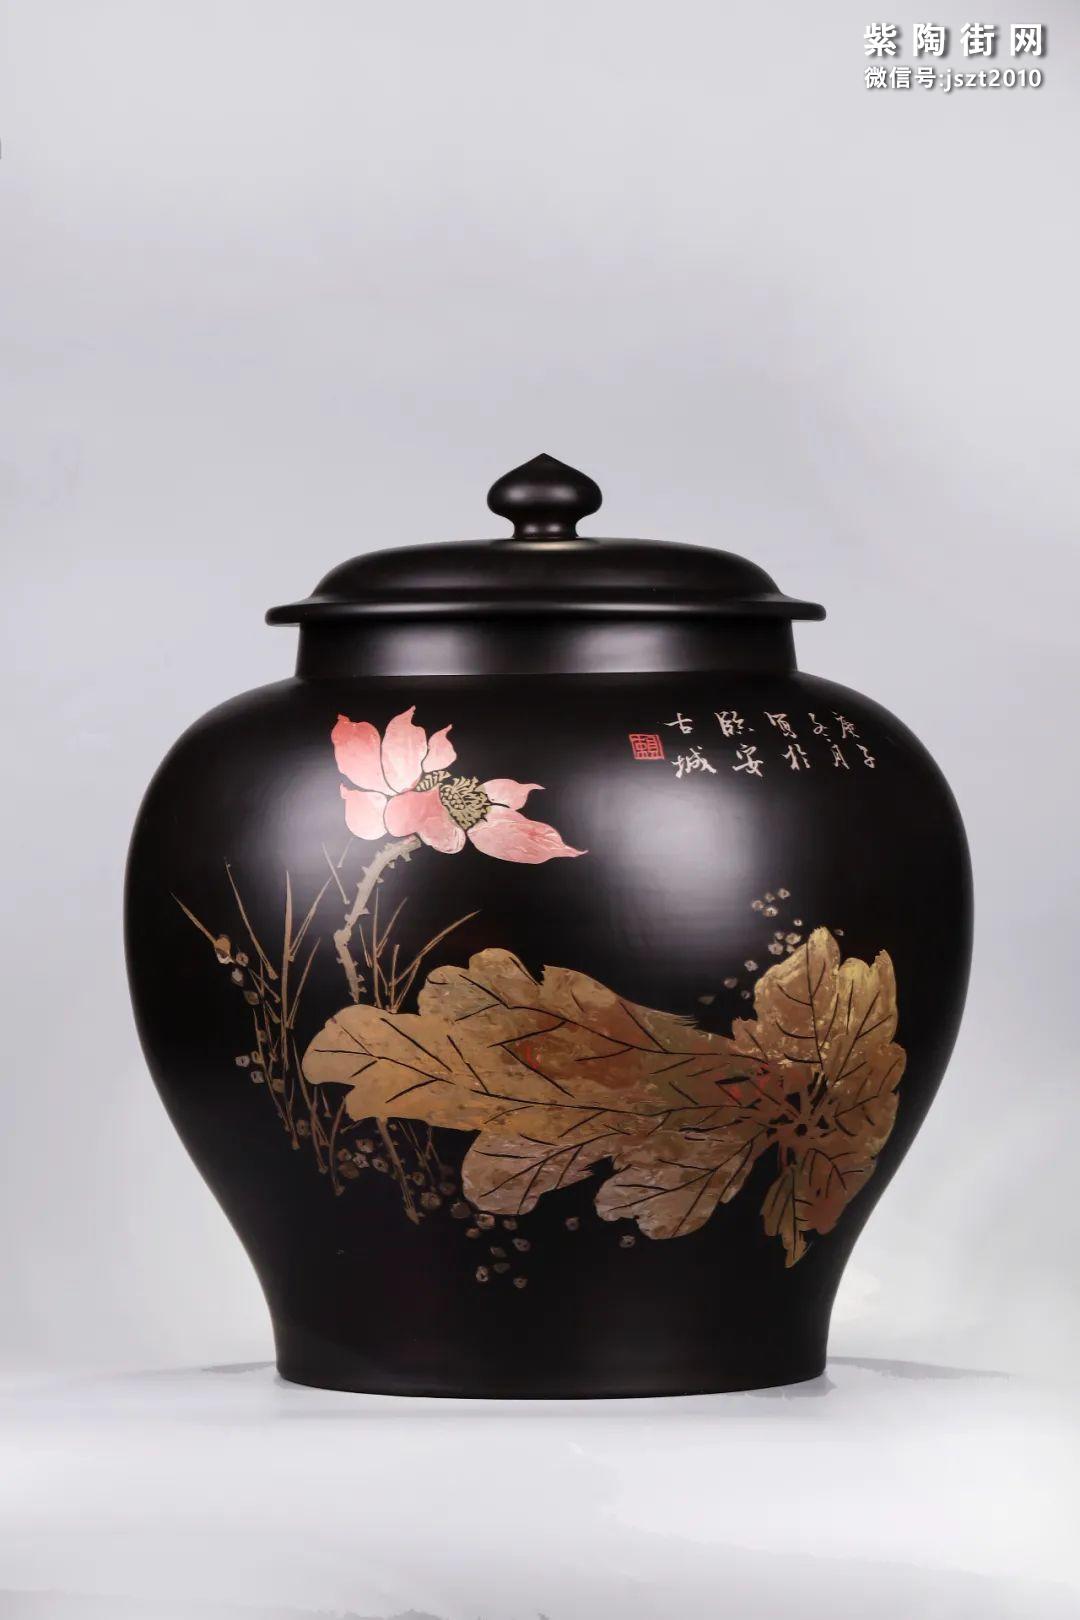 什么样的建水紫陶茶缸好?插图1